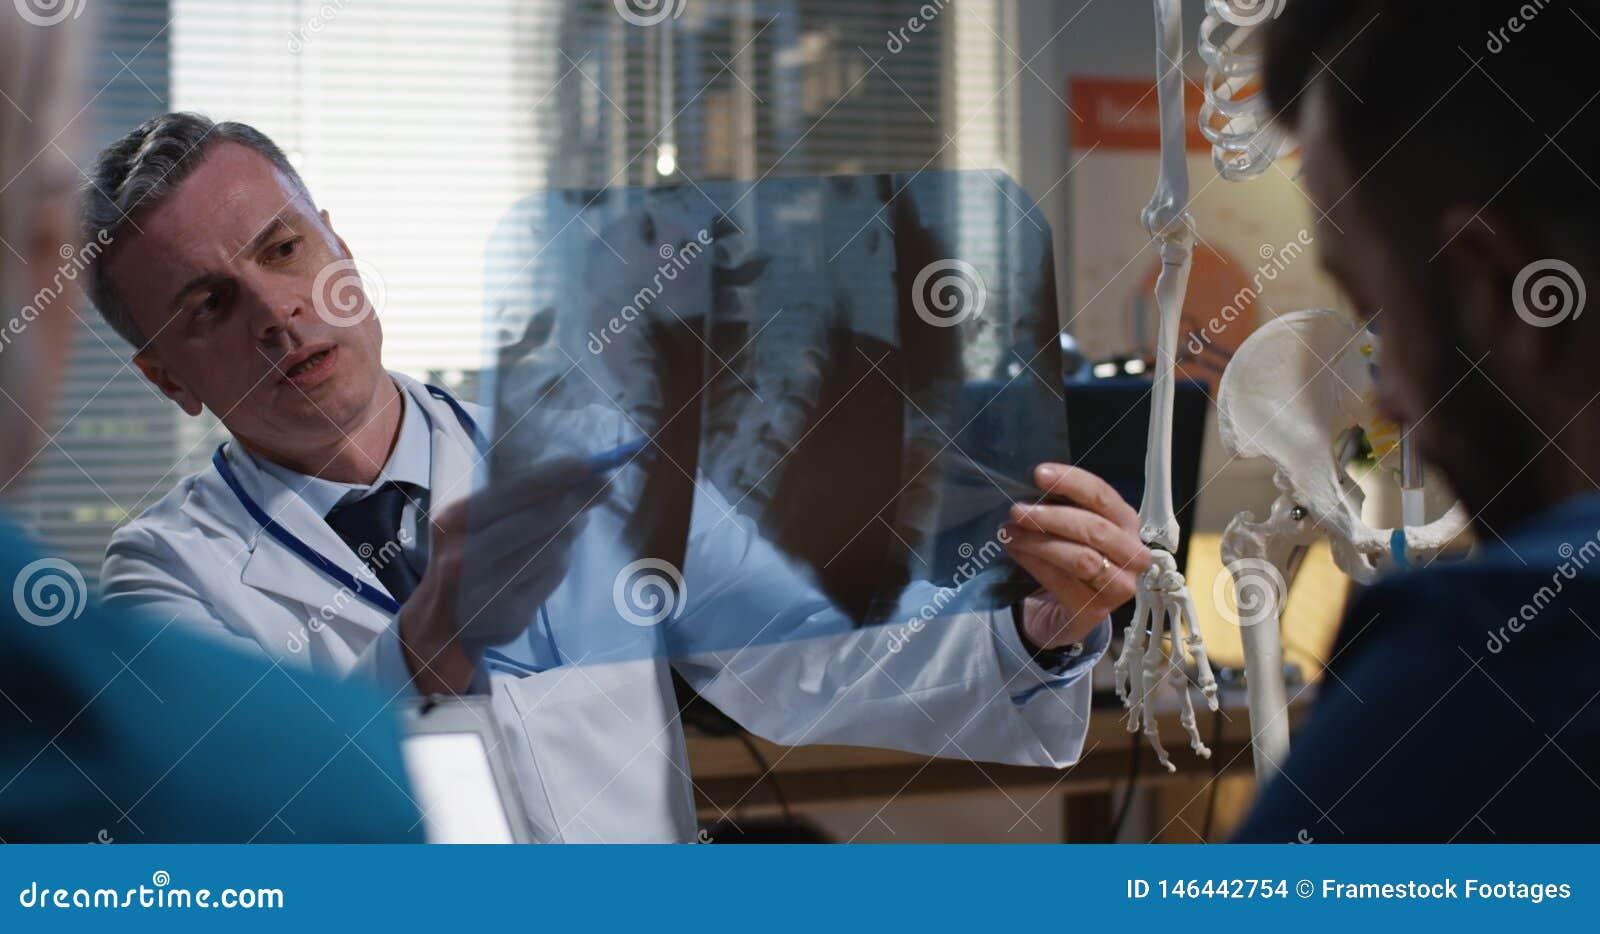 解释诊断的医生对他的同事